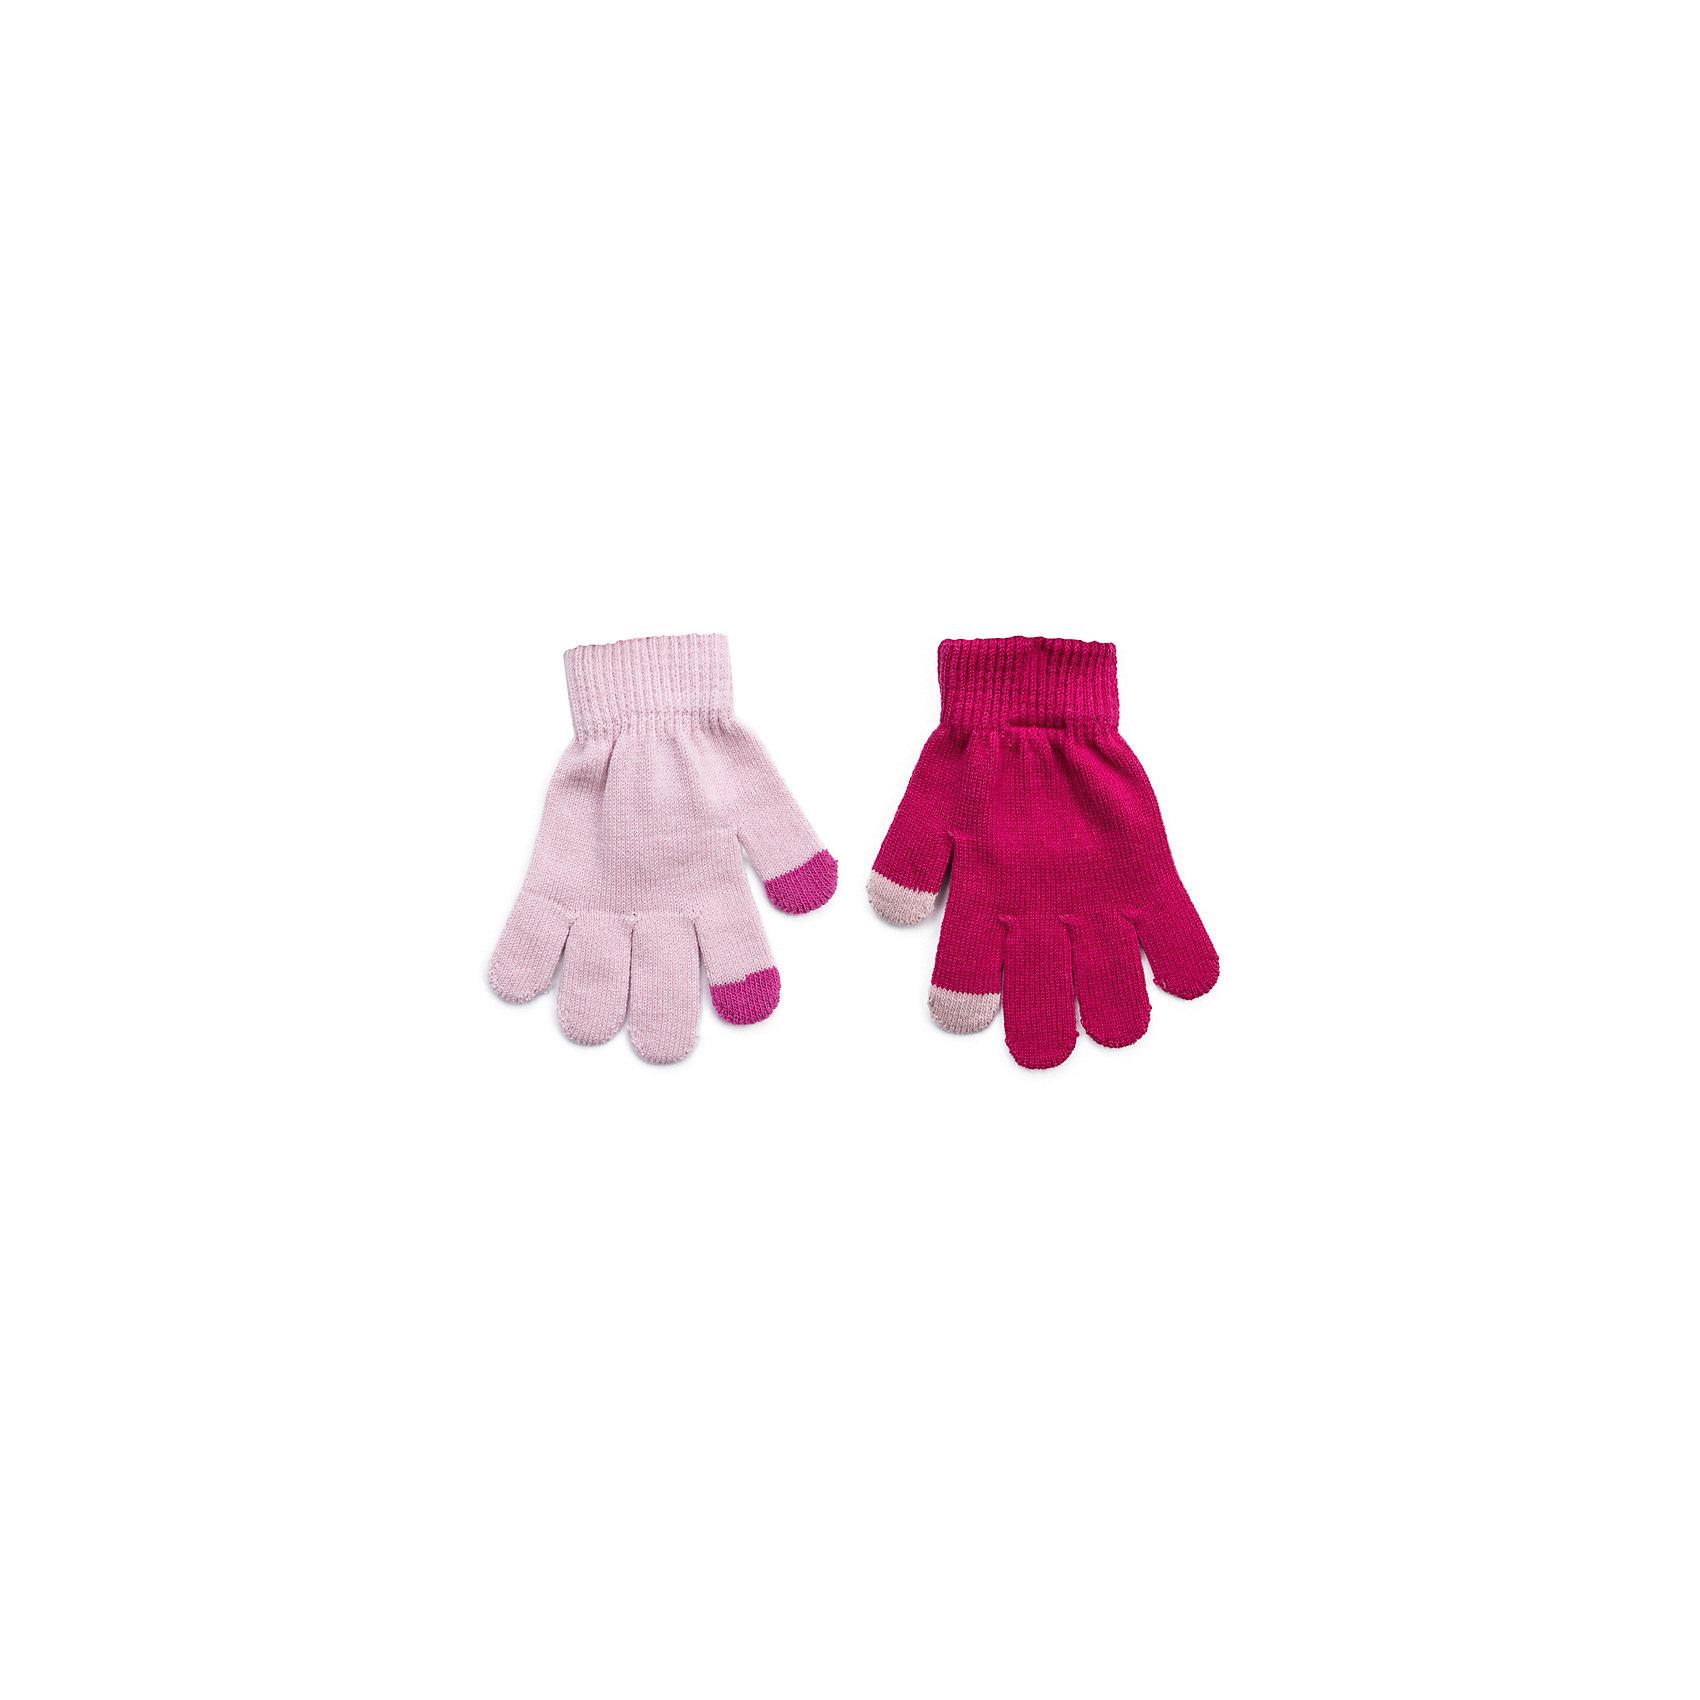 Перчатки PlayToday для девочкиПерчатки, варежки<br>Перчатки PlayToday для девочки<br>Smart Gloves. Перчатки для сенсорных экранов! Вязаные перчатки станут идеальным вариантом для прохладной погоды. Они очень мягкие, хорошо тянутся и прекрасно сохраняют тепло. На манжетах - плотная резинка, которая хорошо держит перчатки на руках ребенка. На большом и указательном пальцах вплетены специальные нити, которые позволяют пользоваться телефоном, не снимая перчаток с рук.<br>Состав:<br>80% хлопок, 18% нейлон, 2% эластан<br><br>Ширина мм: 162<br>Глубина мм: 171<br>Высота мм: 55<br>Вес г: 119<br>Цвет: белый<br>Возраст от месяцев: 84<br>Возраст до месяцев: 96<br>Пол: Женский<br>Возраст: Детский<br>Размер: 4,2,3<br>SKU: 7106147